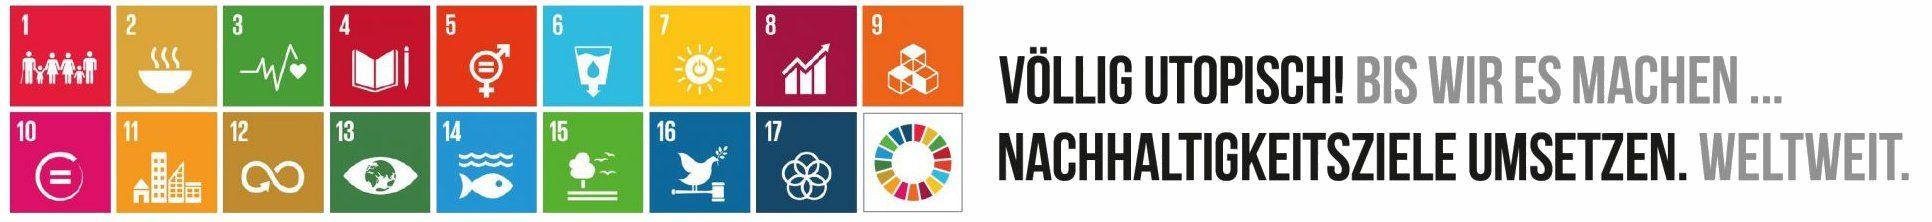 Hamburger 2030 Agenda für nachhaltige Entwicklung